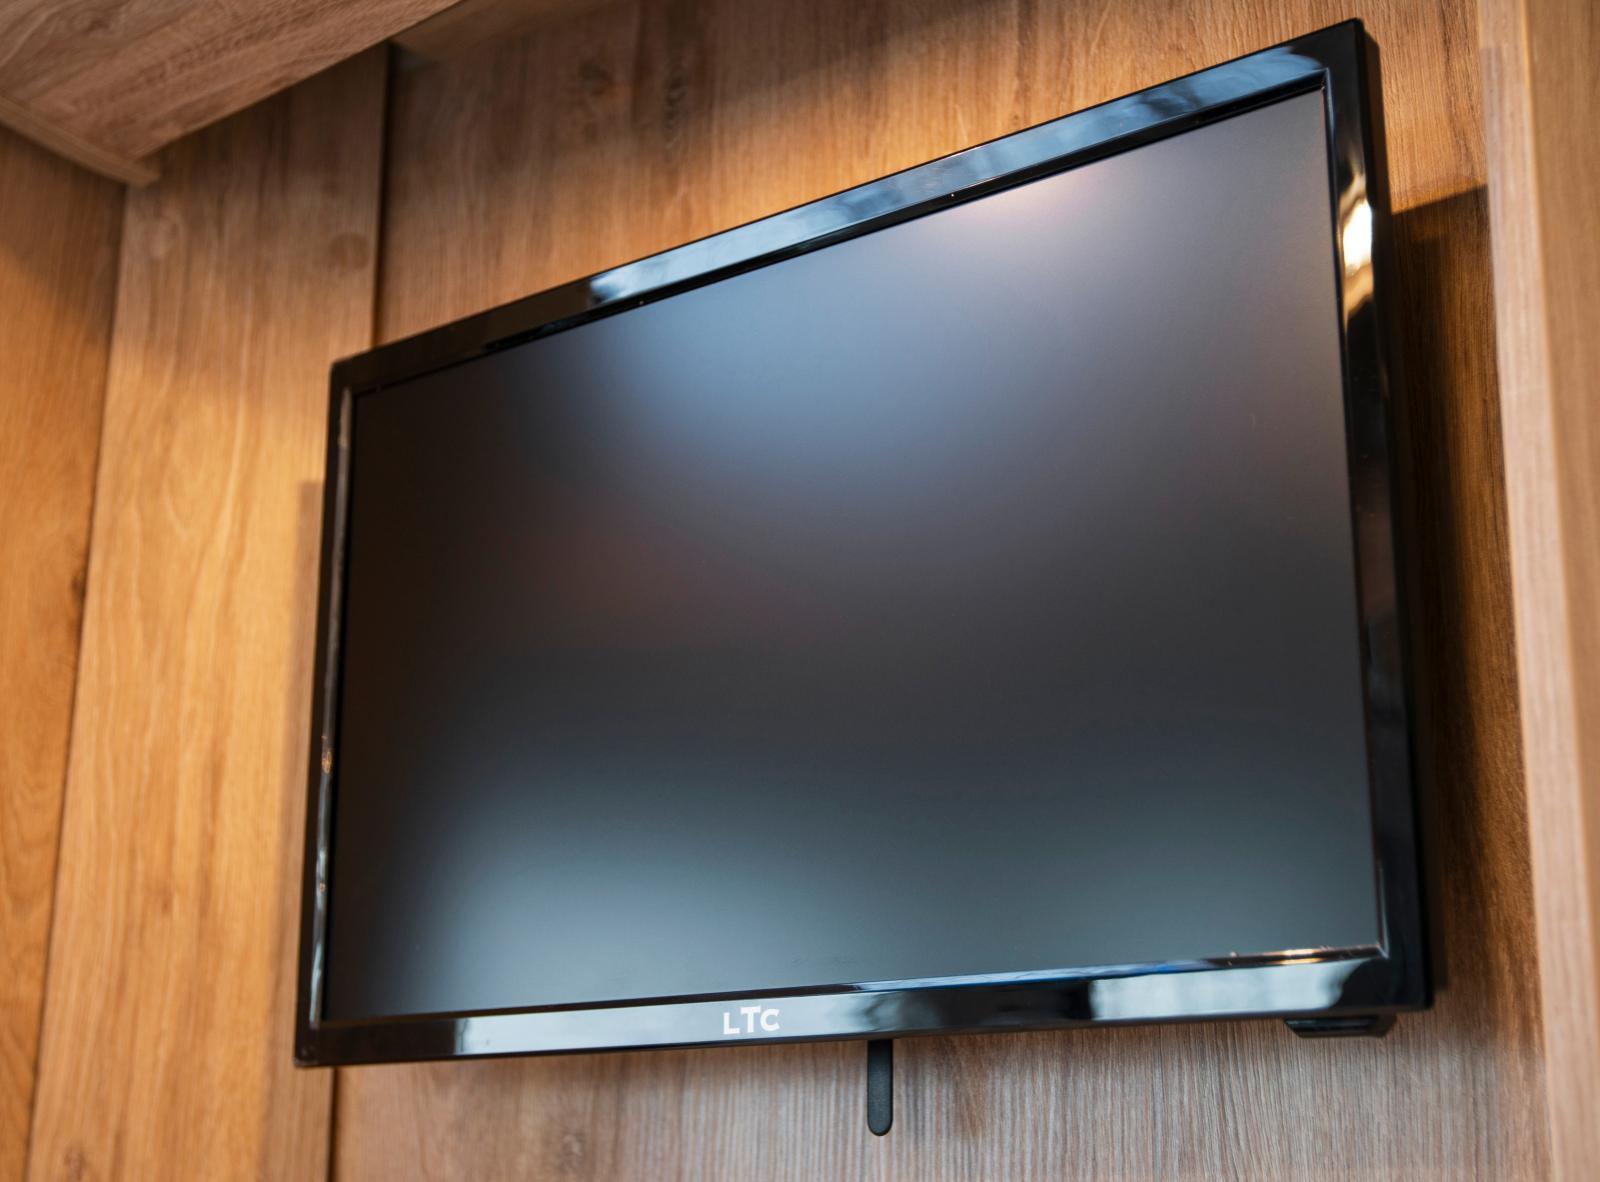 En tv-skärm är fast monterad på väggen vid entrén.